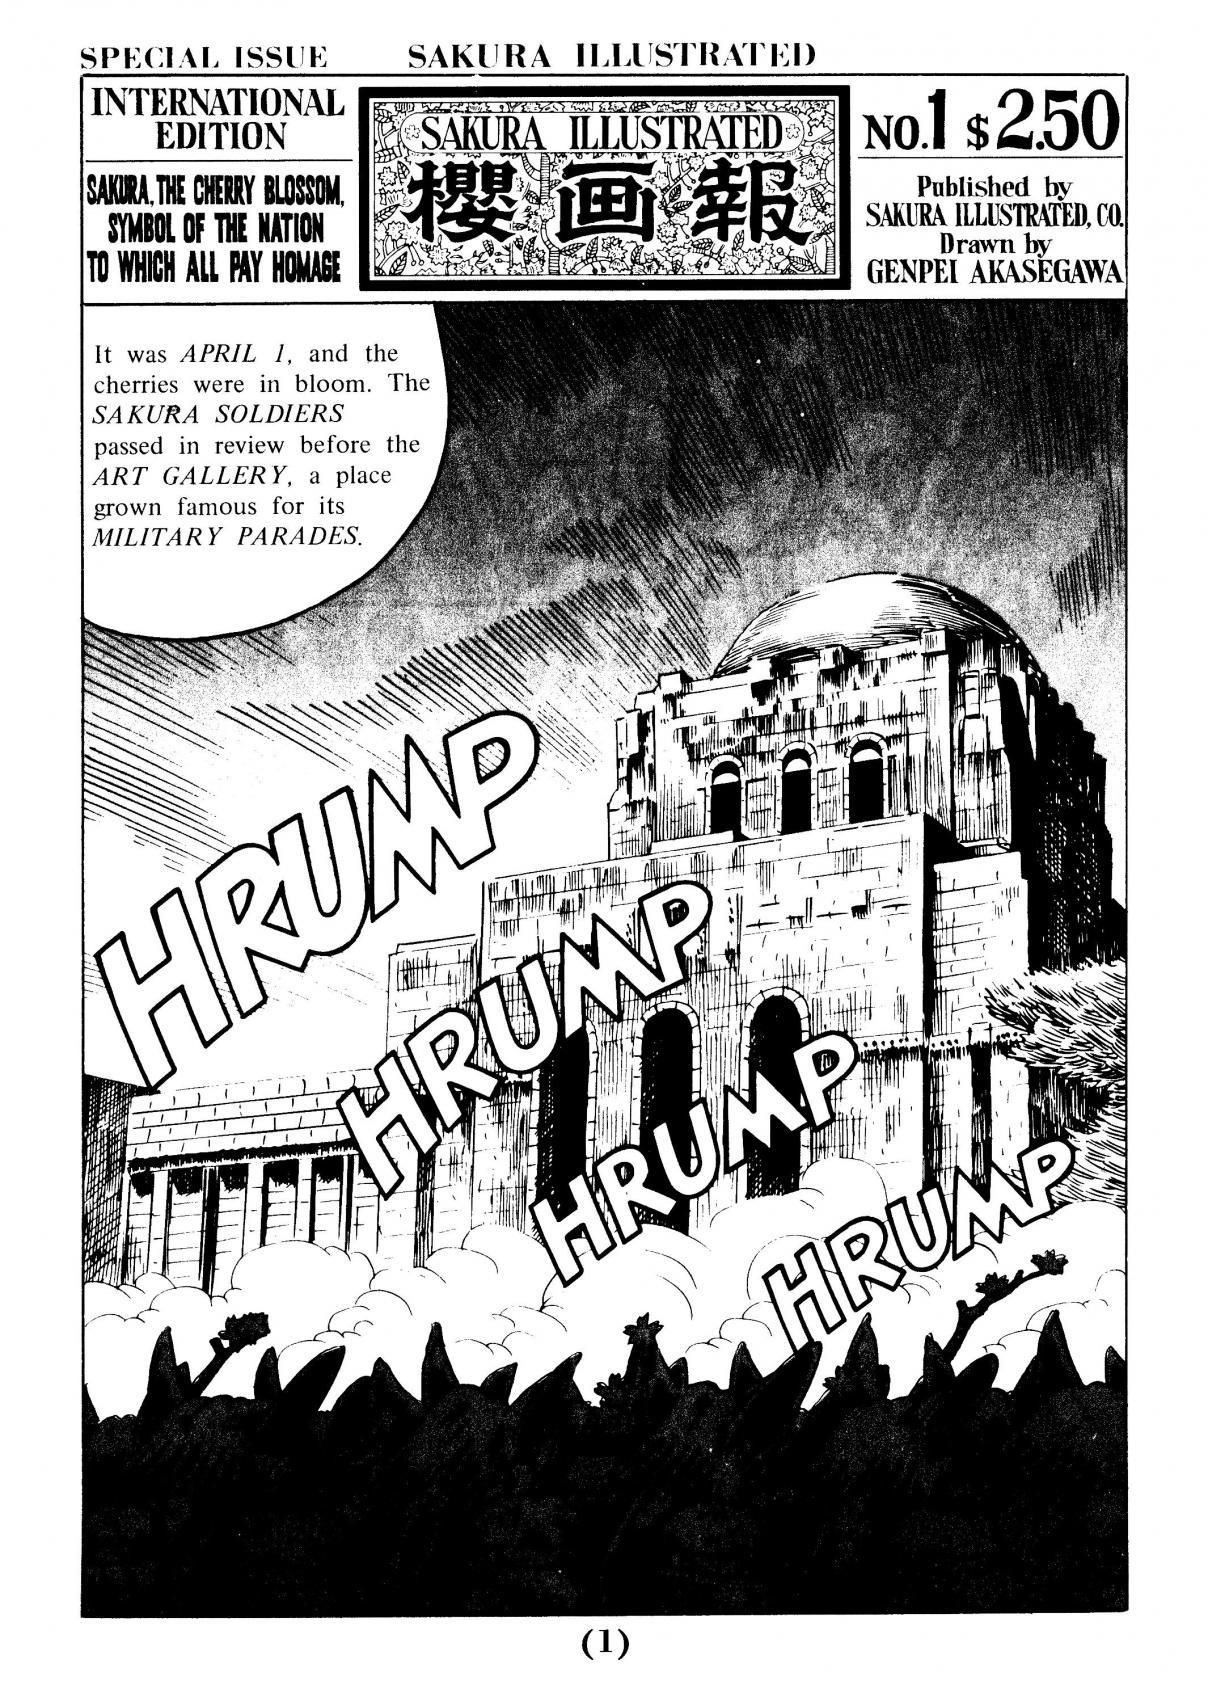 https://manga.mangadogs.com/comics/pic2/22/33366/982814/808e22af6c33eea22608f30cef458844.jpg Page 1